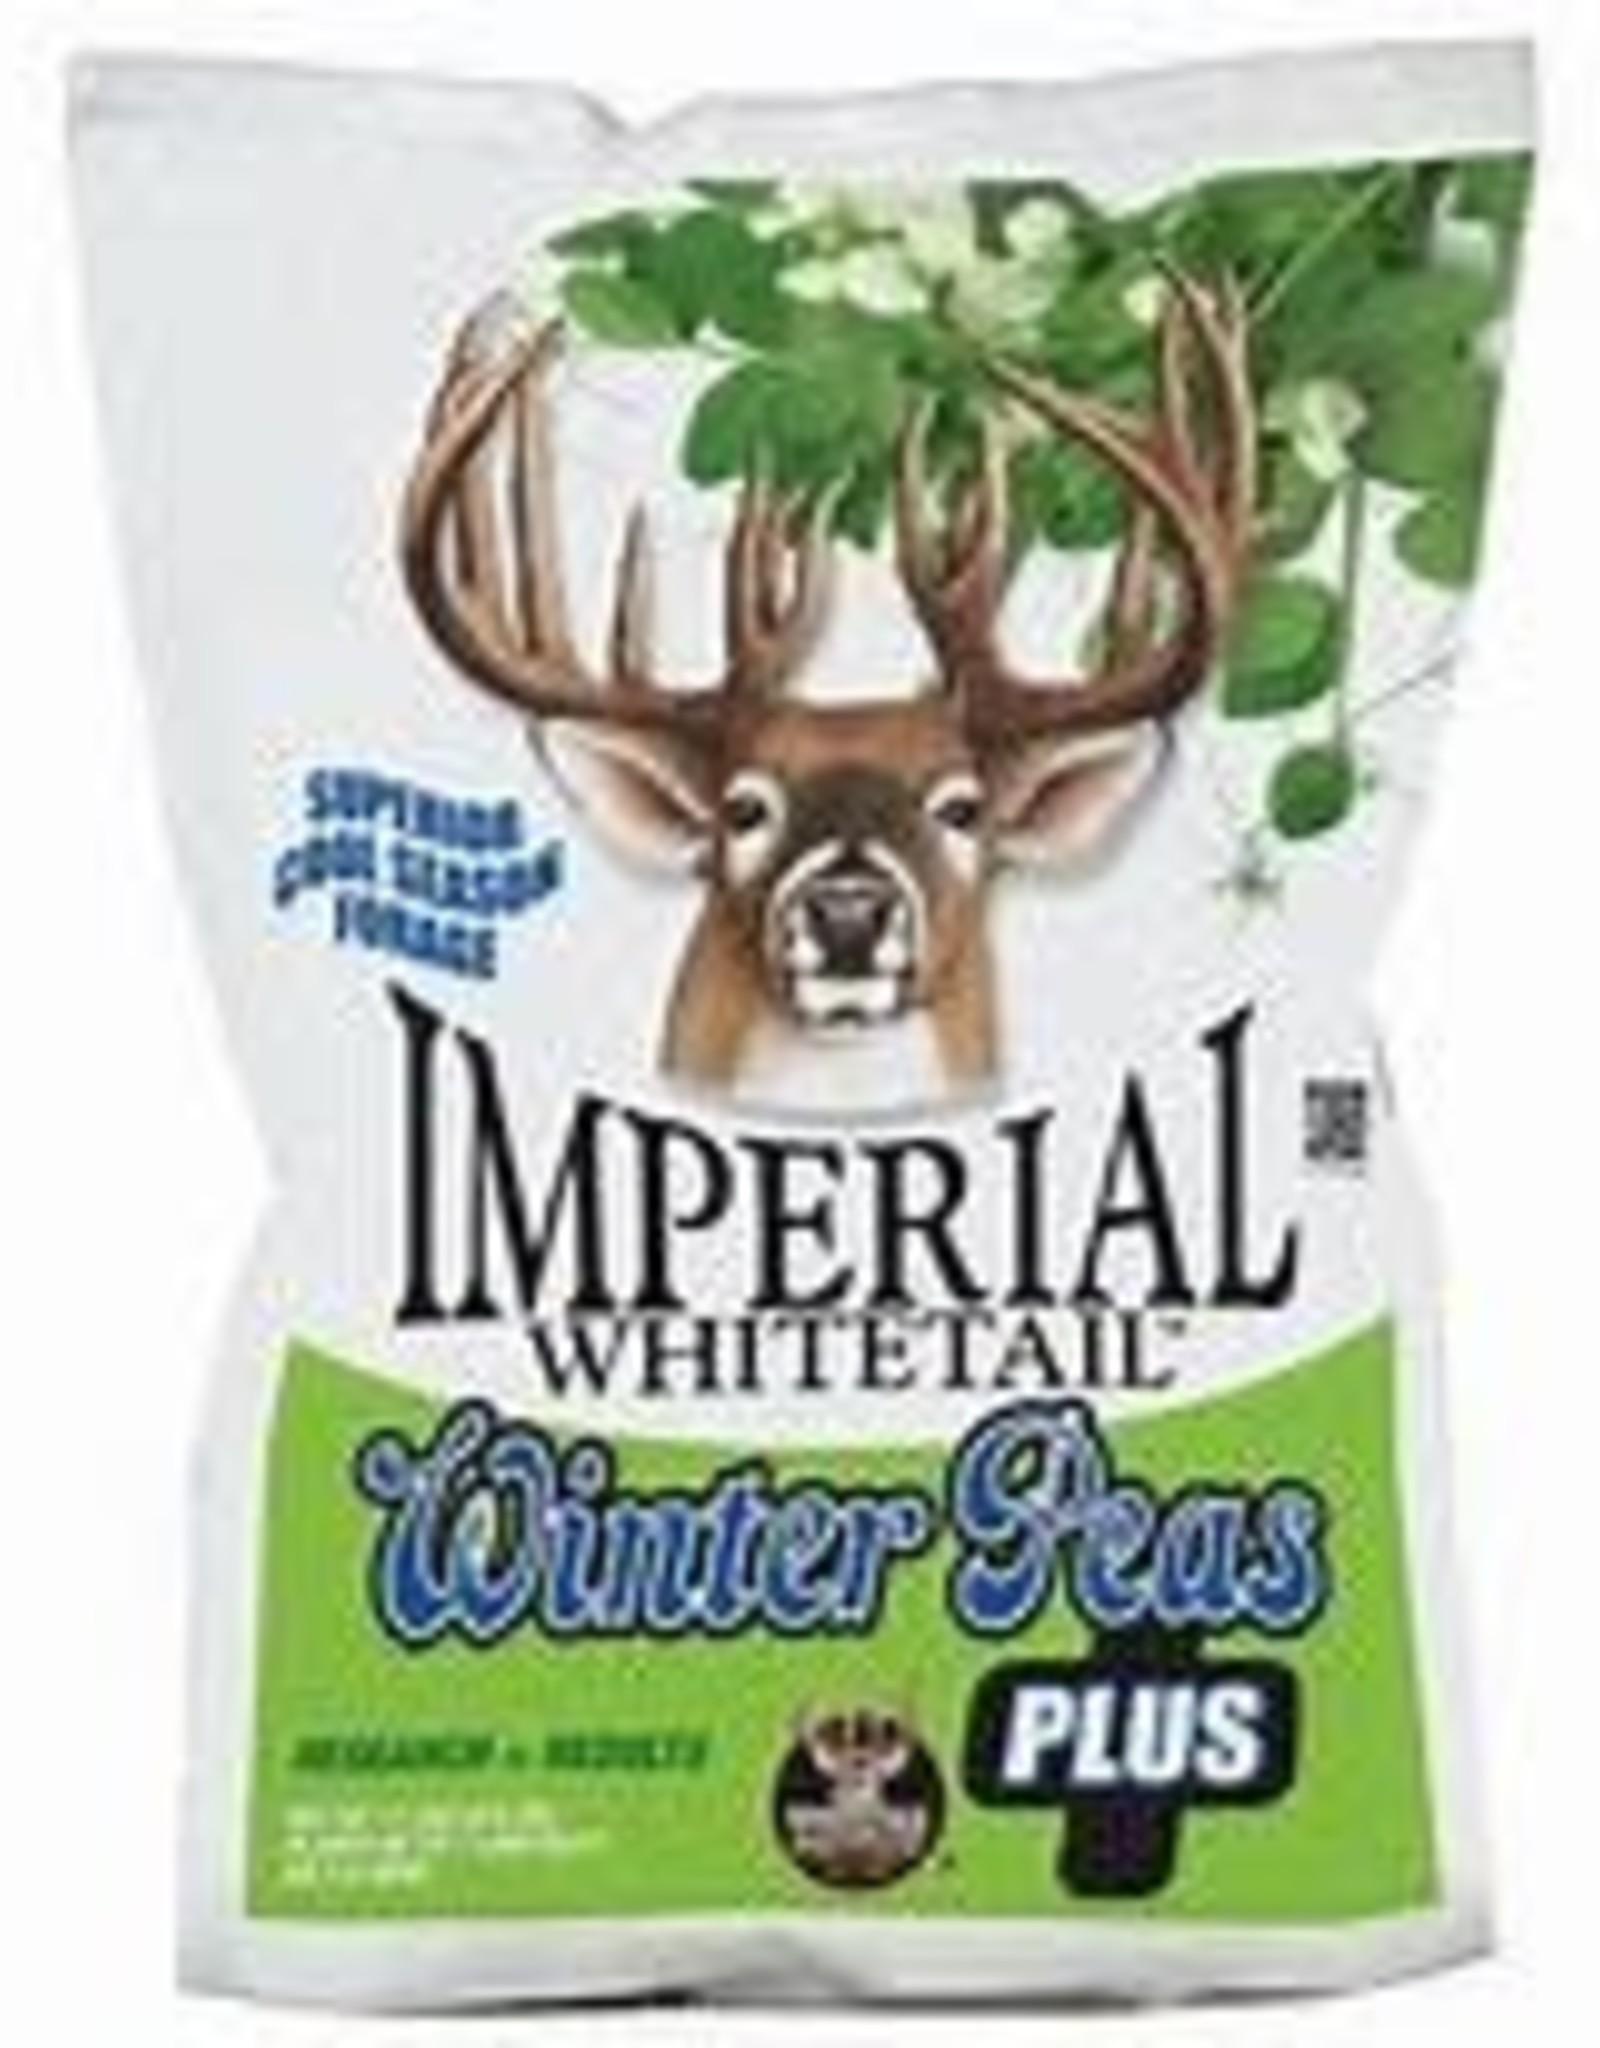 Whitetail Institute Winter Peas Plus 11 LB Bag